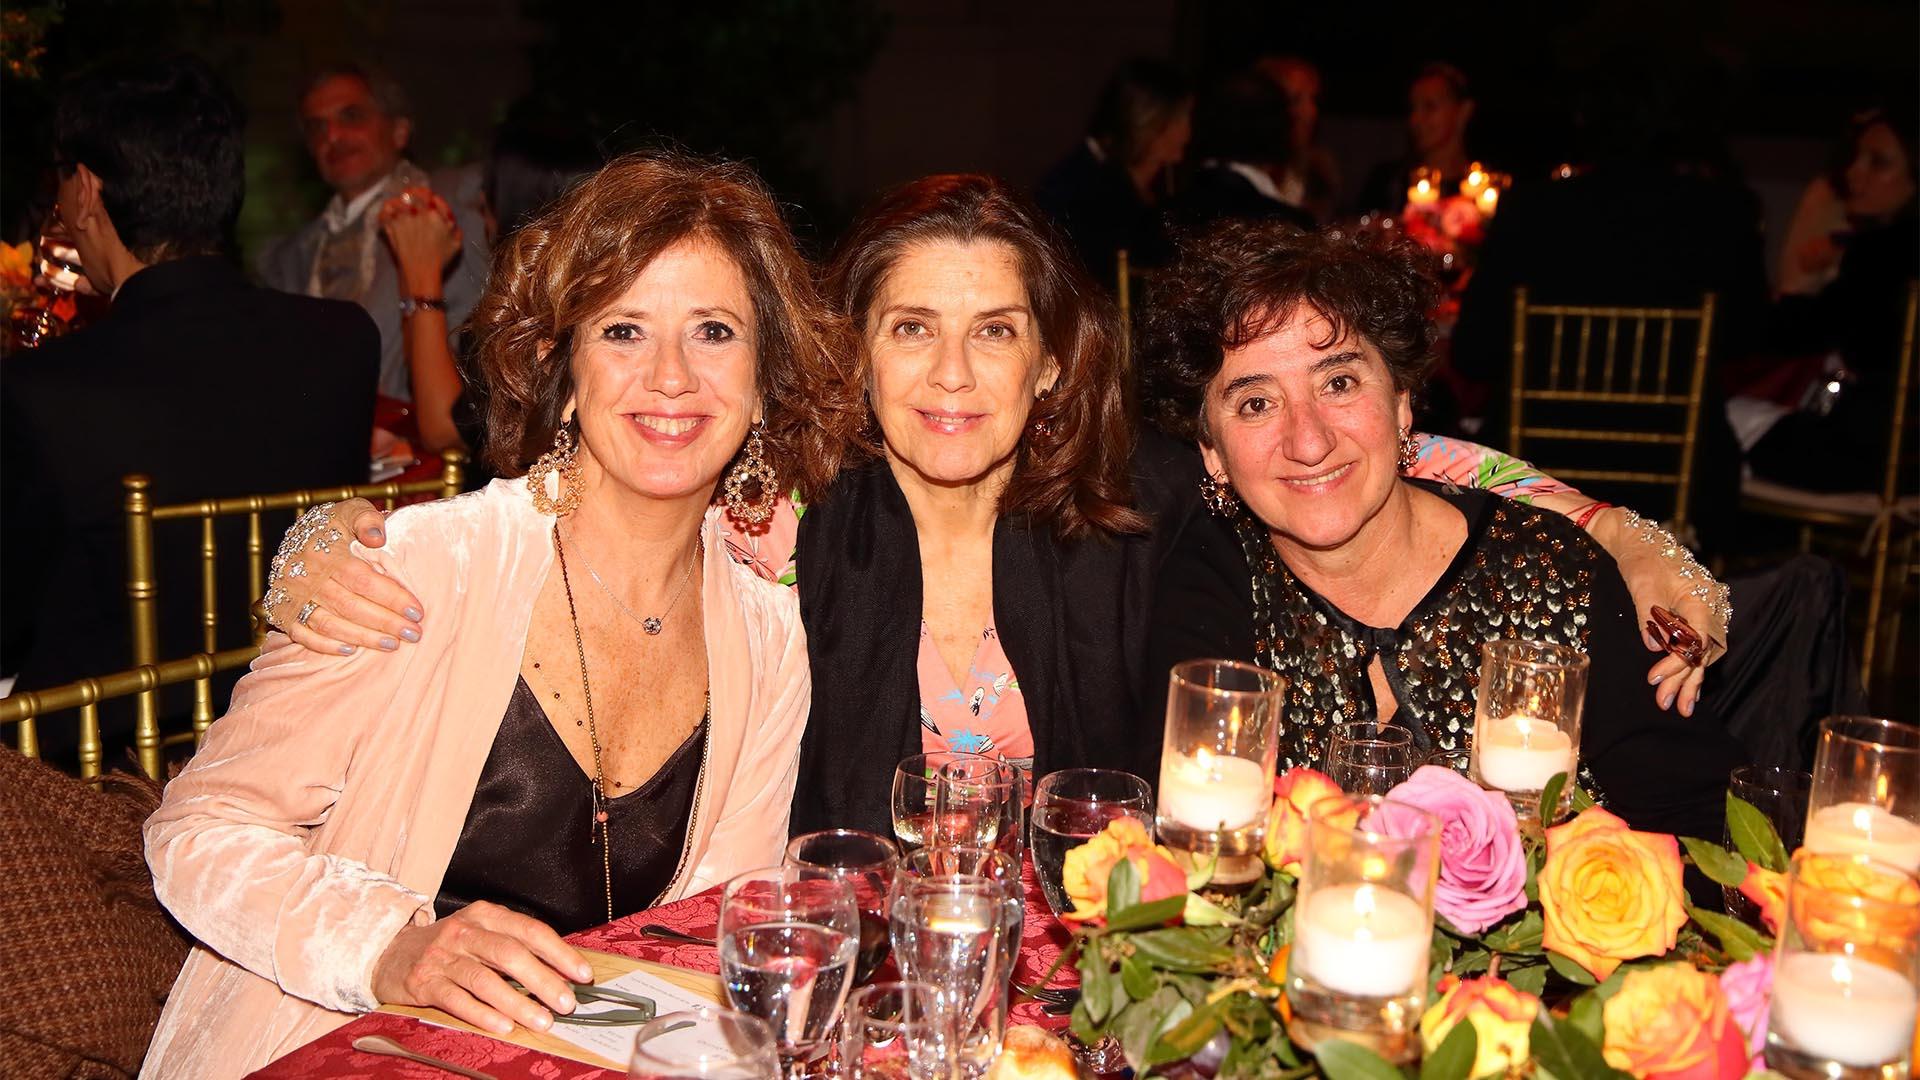 María José Wuillie Bielle, María Casado y Orly Benzacar